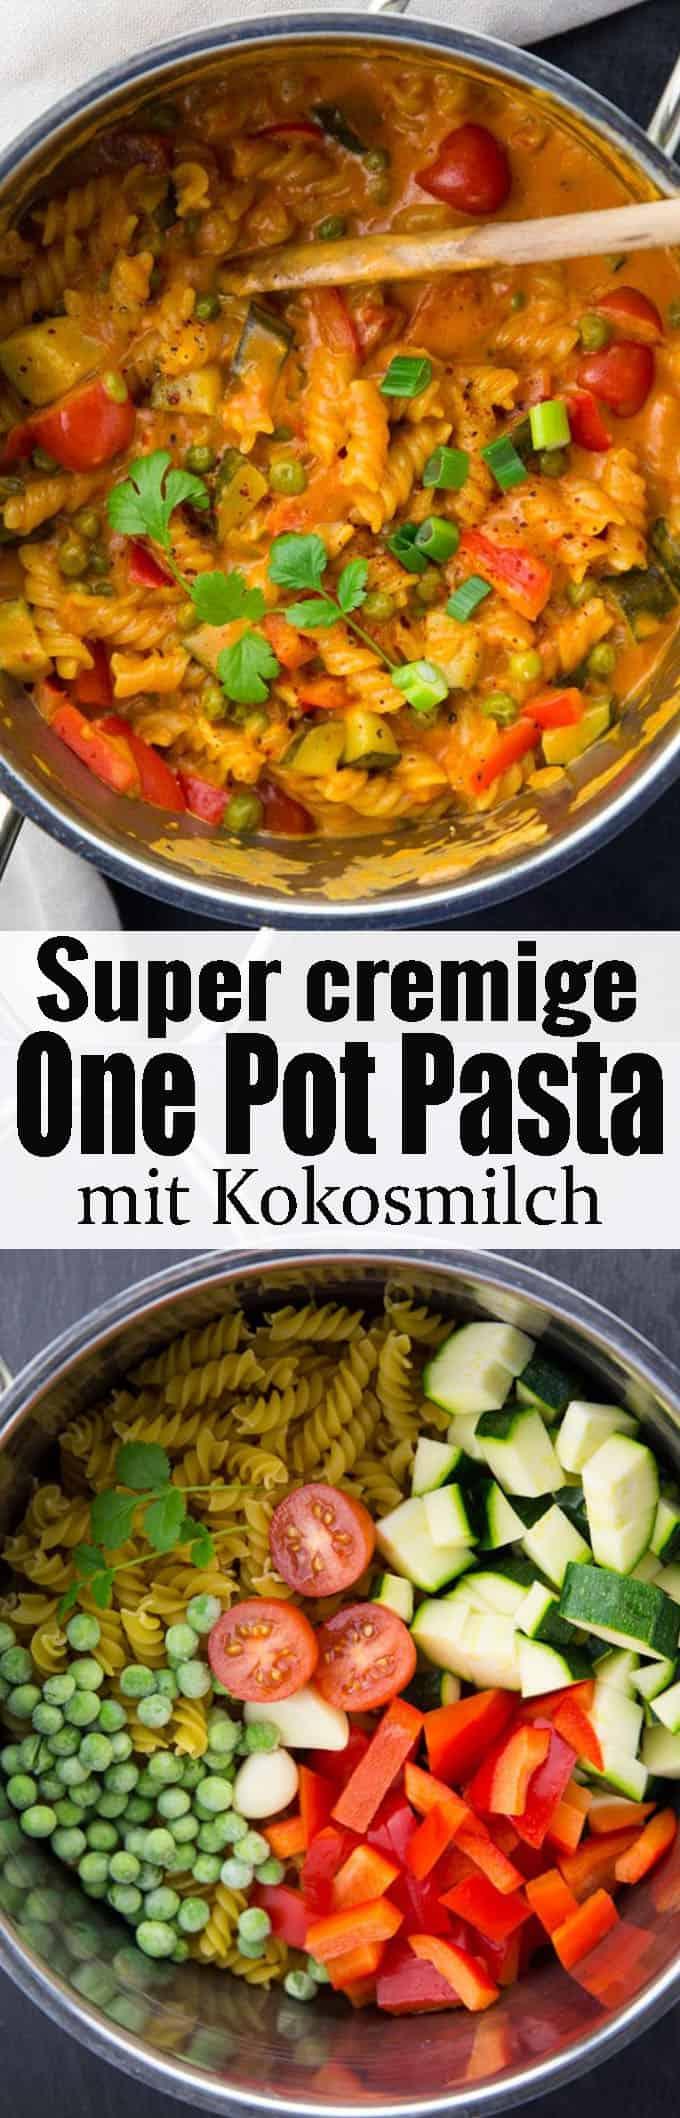 Einfaches One Pot Pasta Rezept gesucht? Diese vegane One Pot Pasta mit Kokosmilch und Currypaste ist nicht nur unglaublich lecker, sondern auch super cremig! Mehr vegane Rezepte auf veganheaven.de!